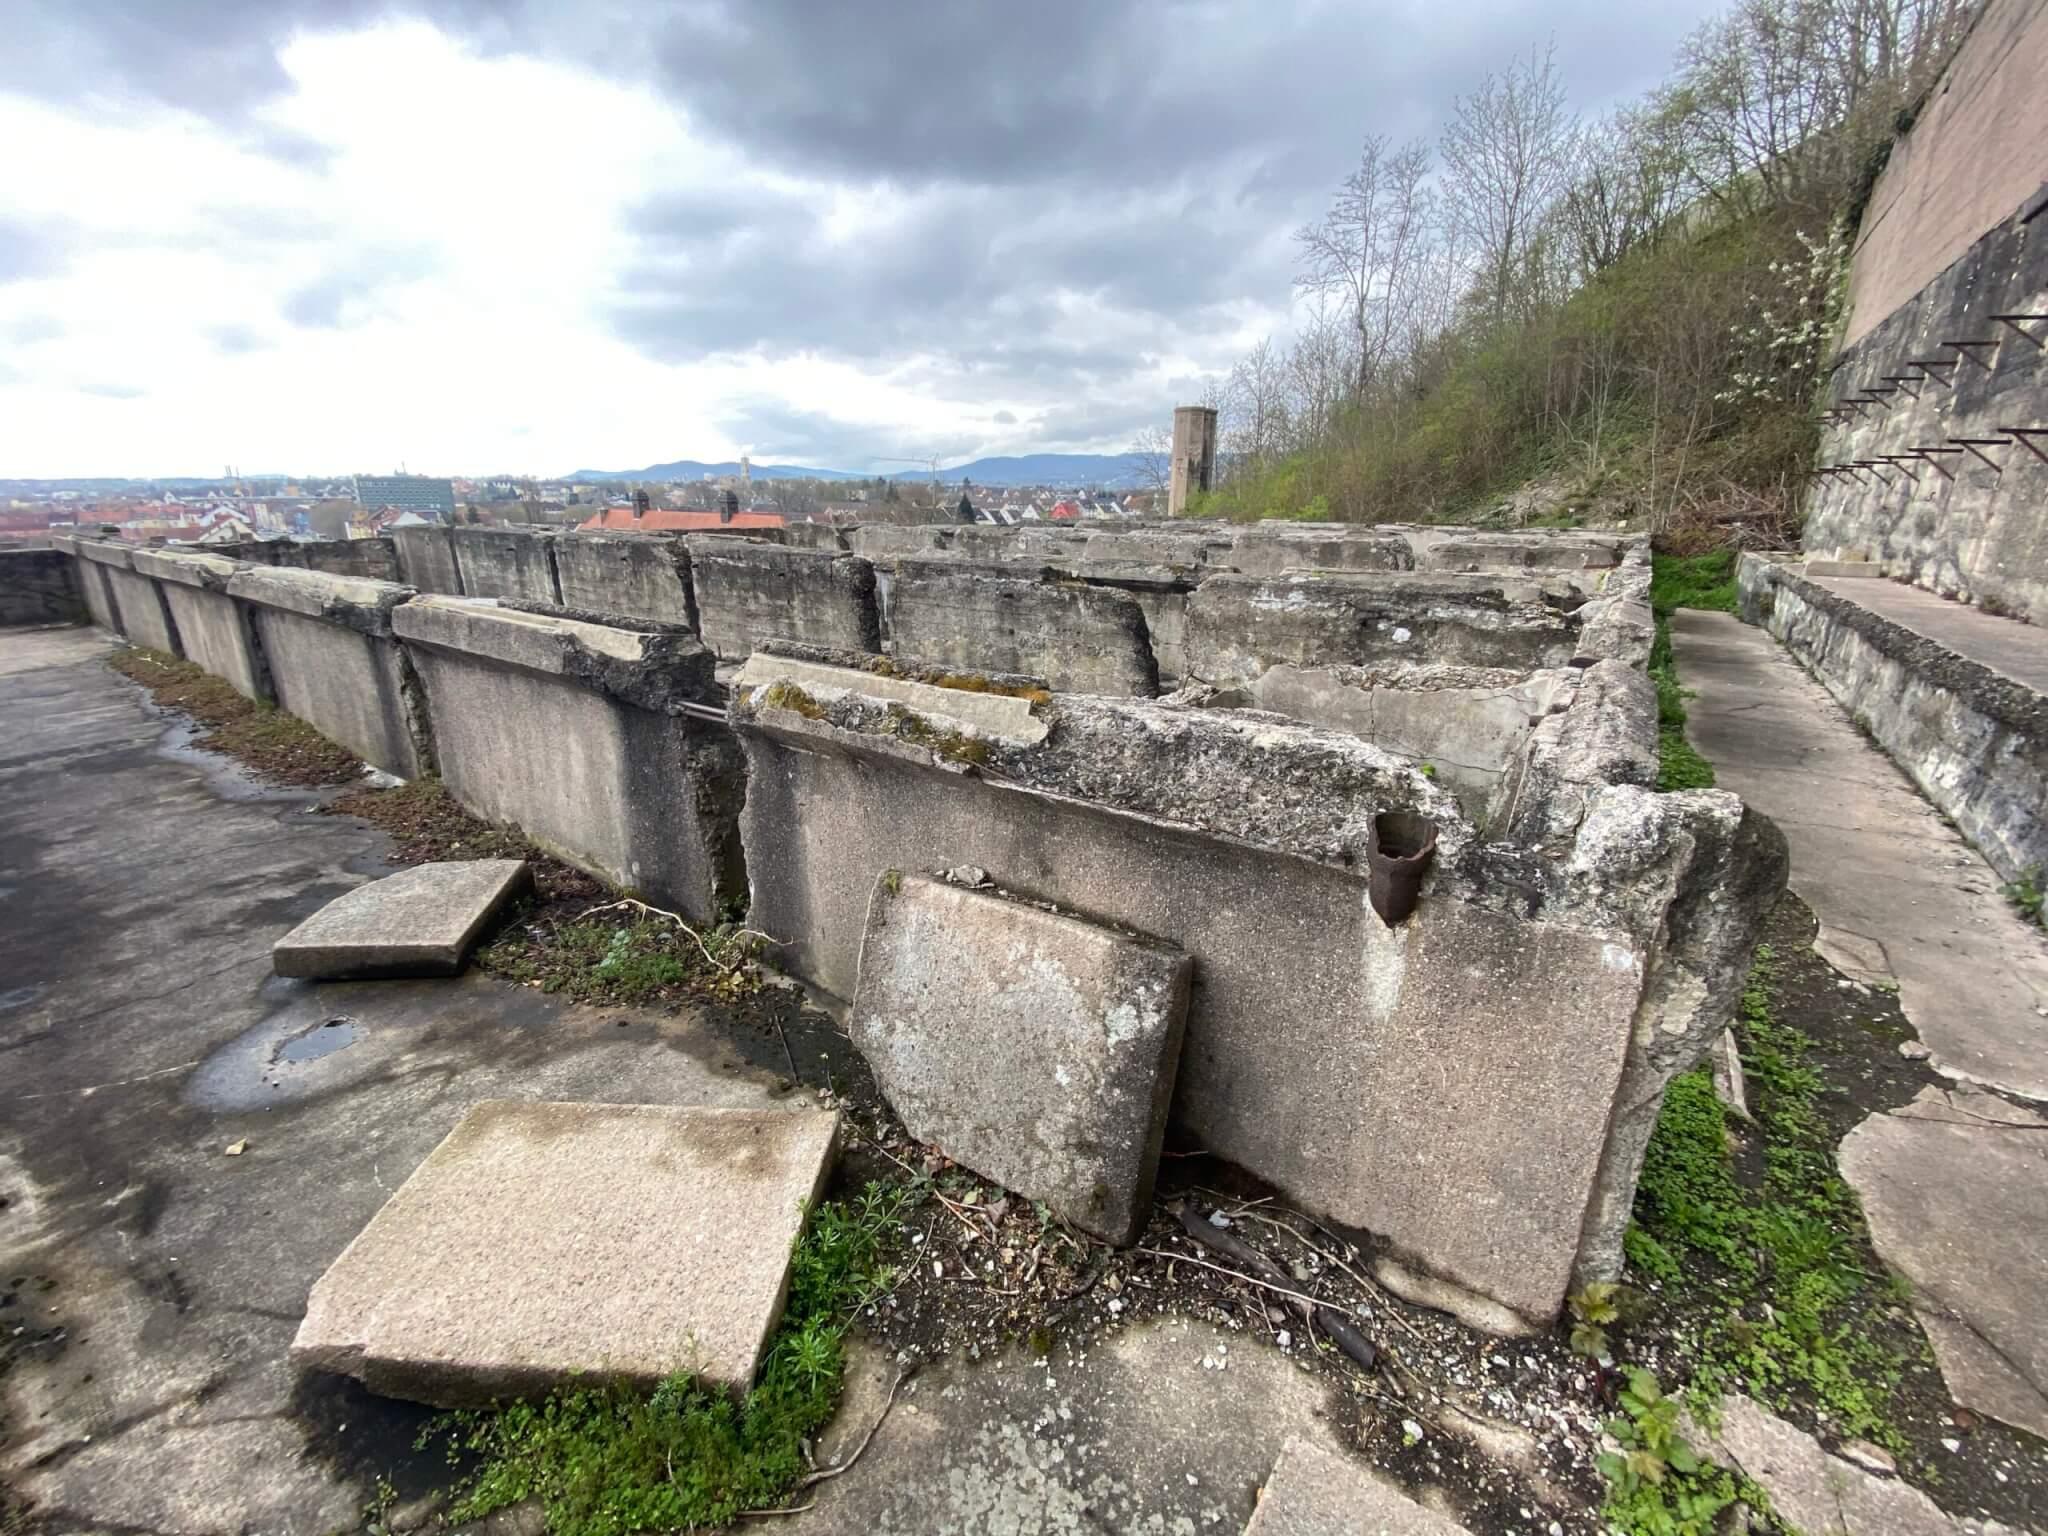 Greenhouse ruins, Weinbergterrassen, Kassel